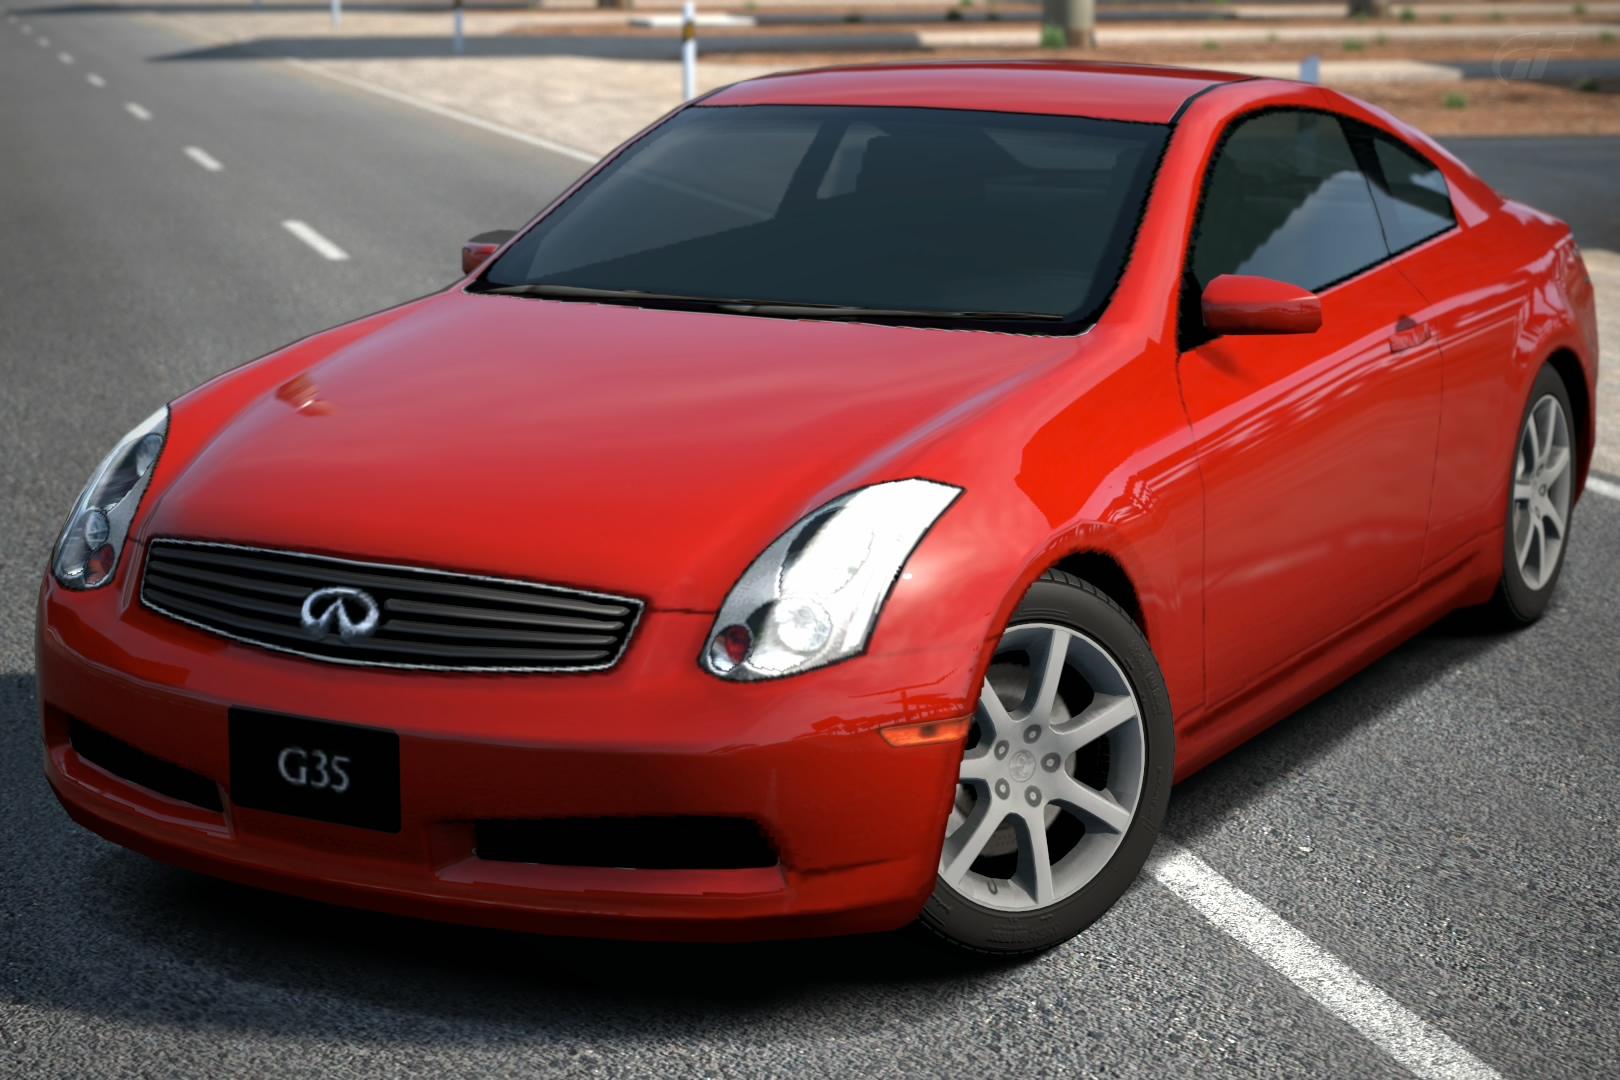 Infiniti G35 Coupe 03 Gran Turismo Wiki Fandom